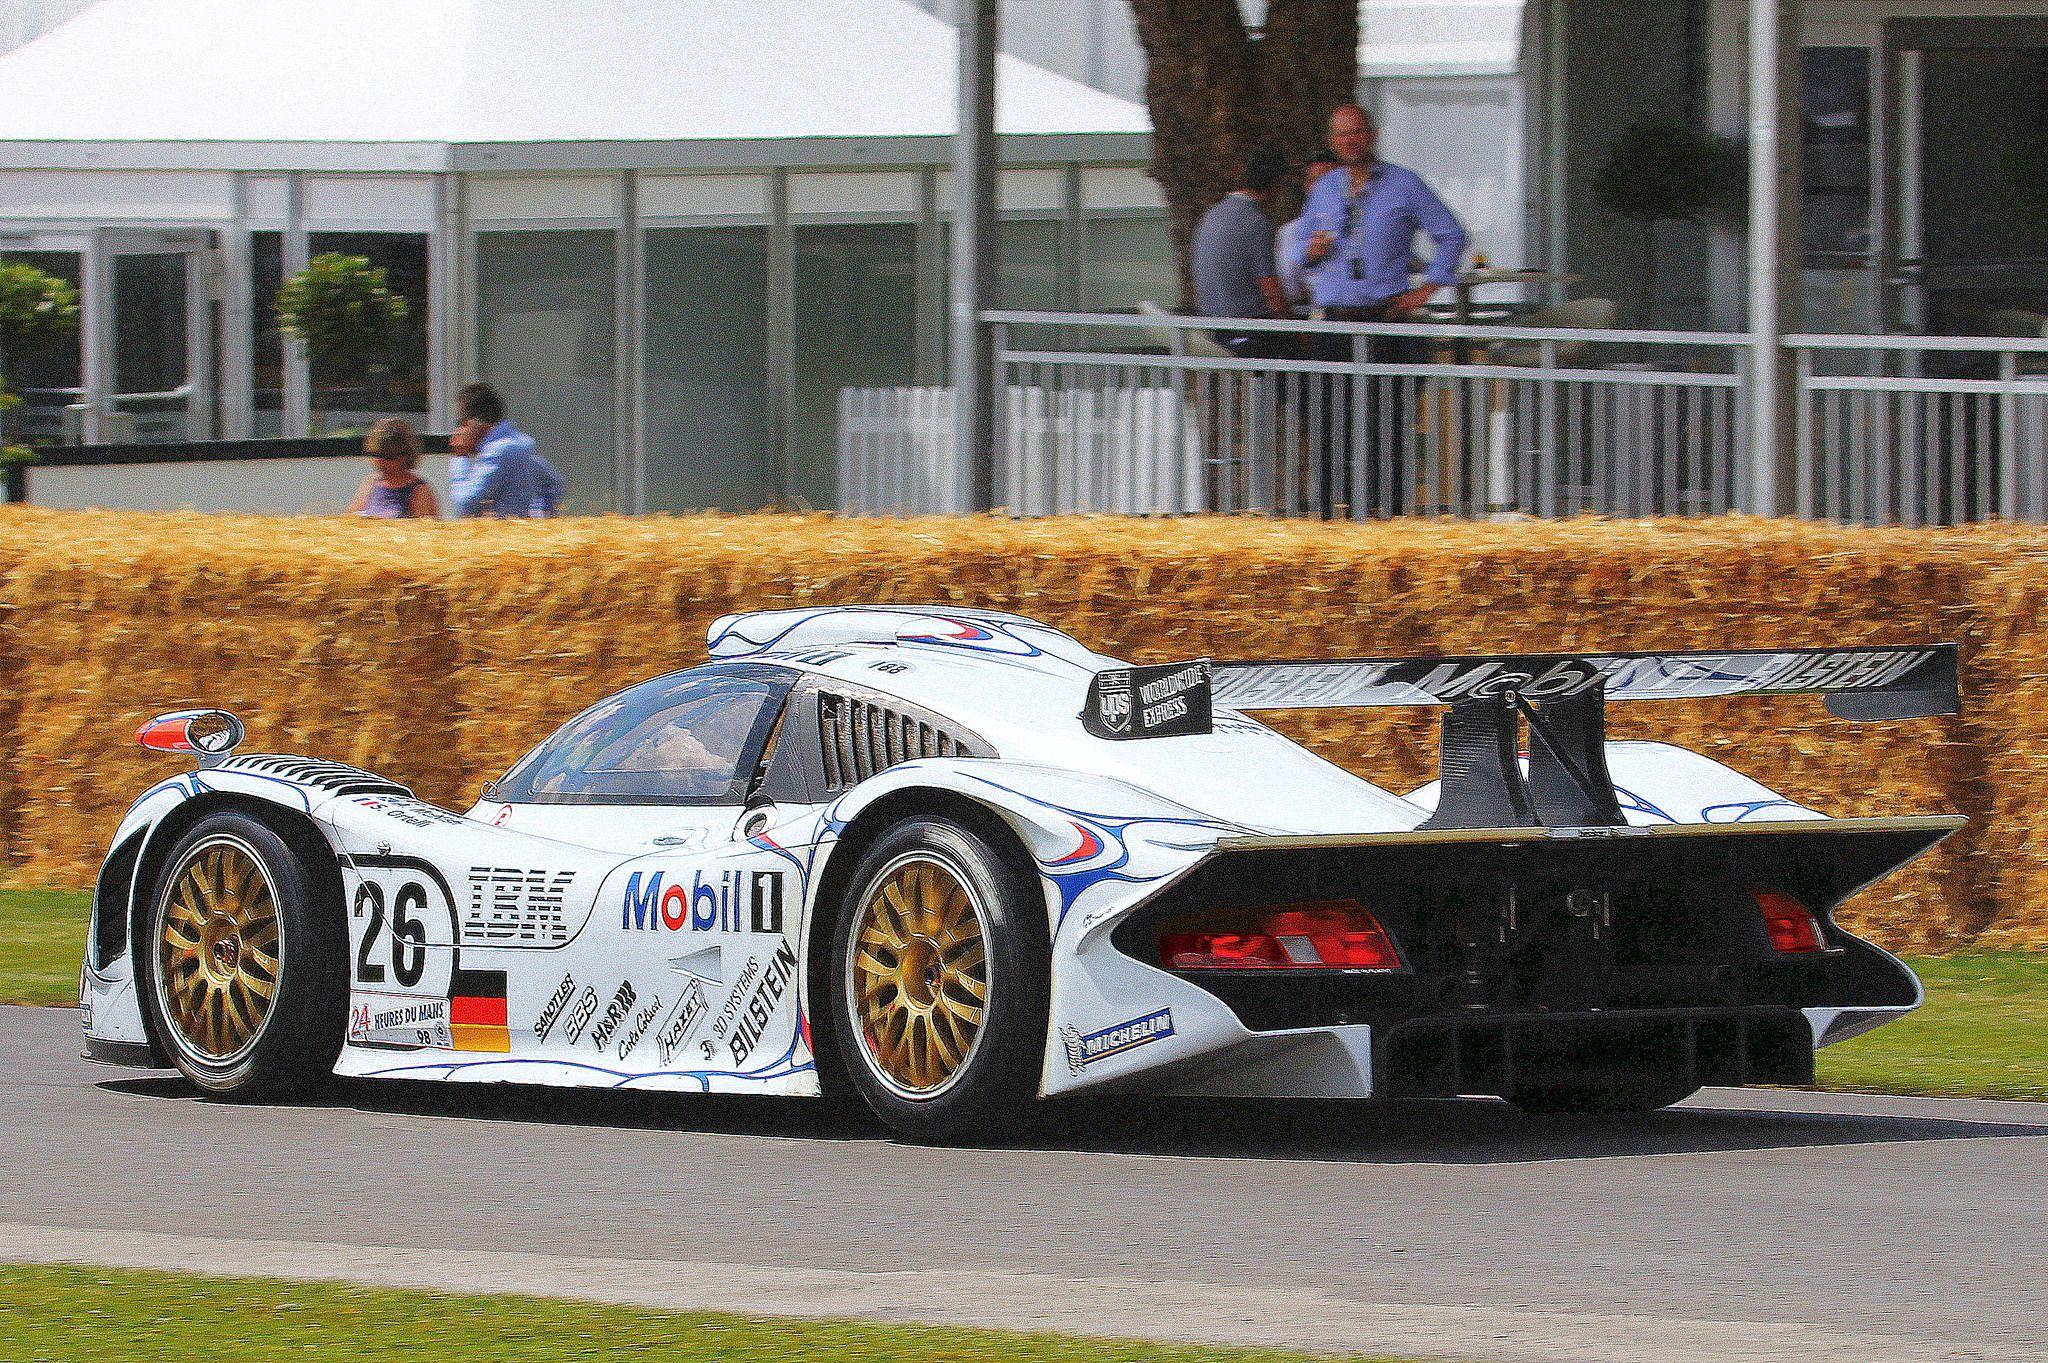 05411532ac0cfa18724208f285d058dc Inspiring Porsche 911 Gt1 Road atlanta Cars Trend